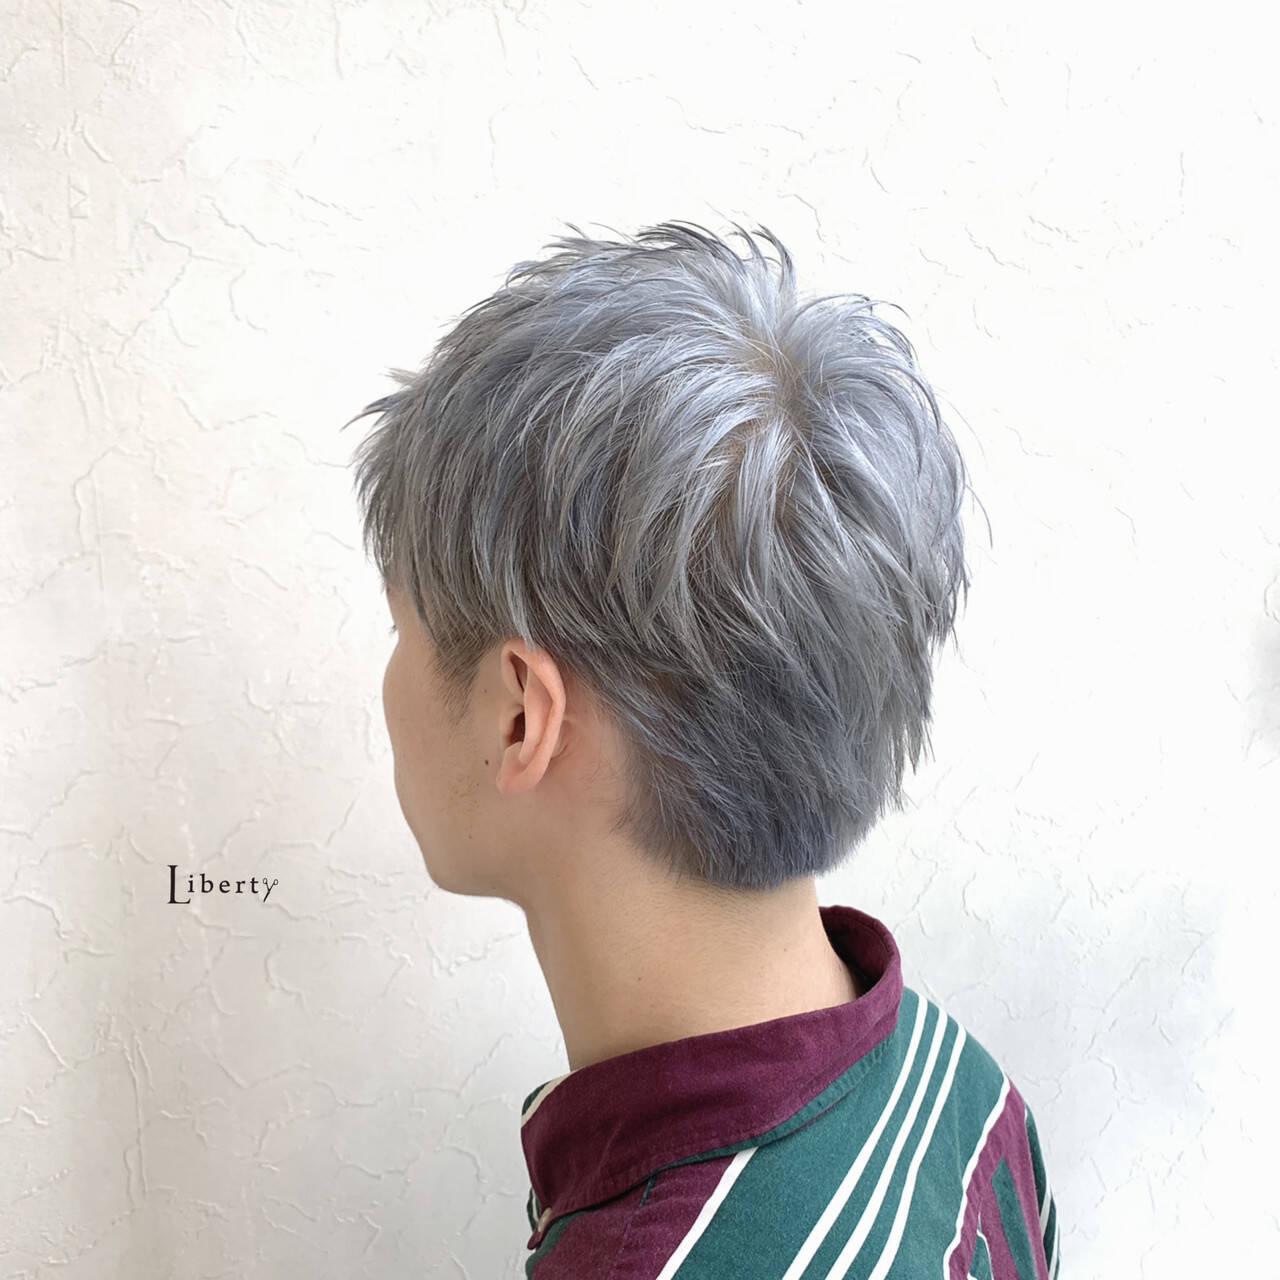 ホワイトグレージュ ホワイトシルバー シルバーグレー ホワイトアッシュヘアスタイルや髪型の写真・画像